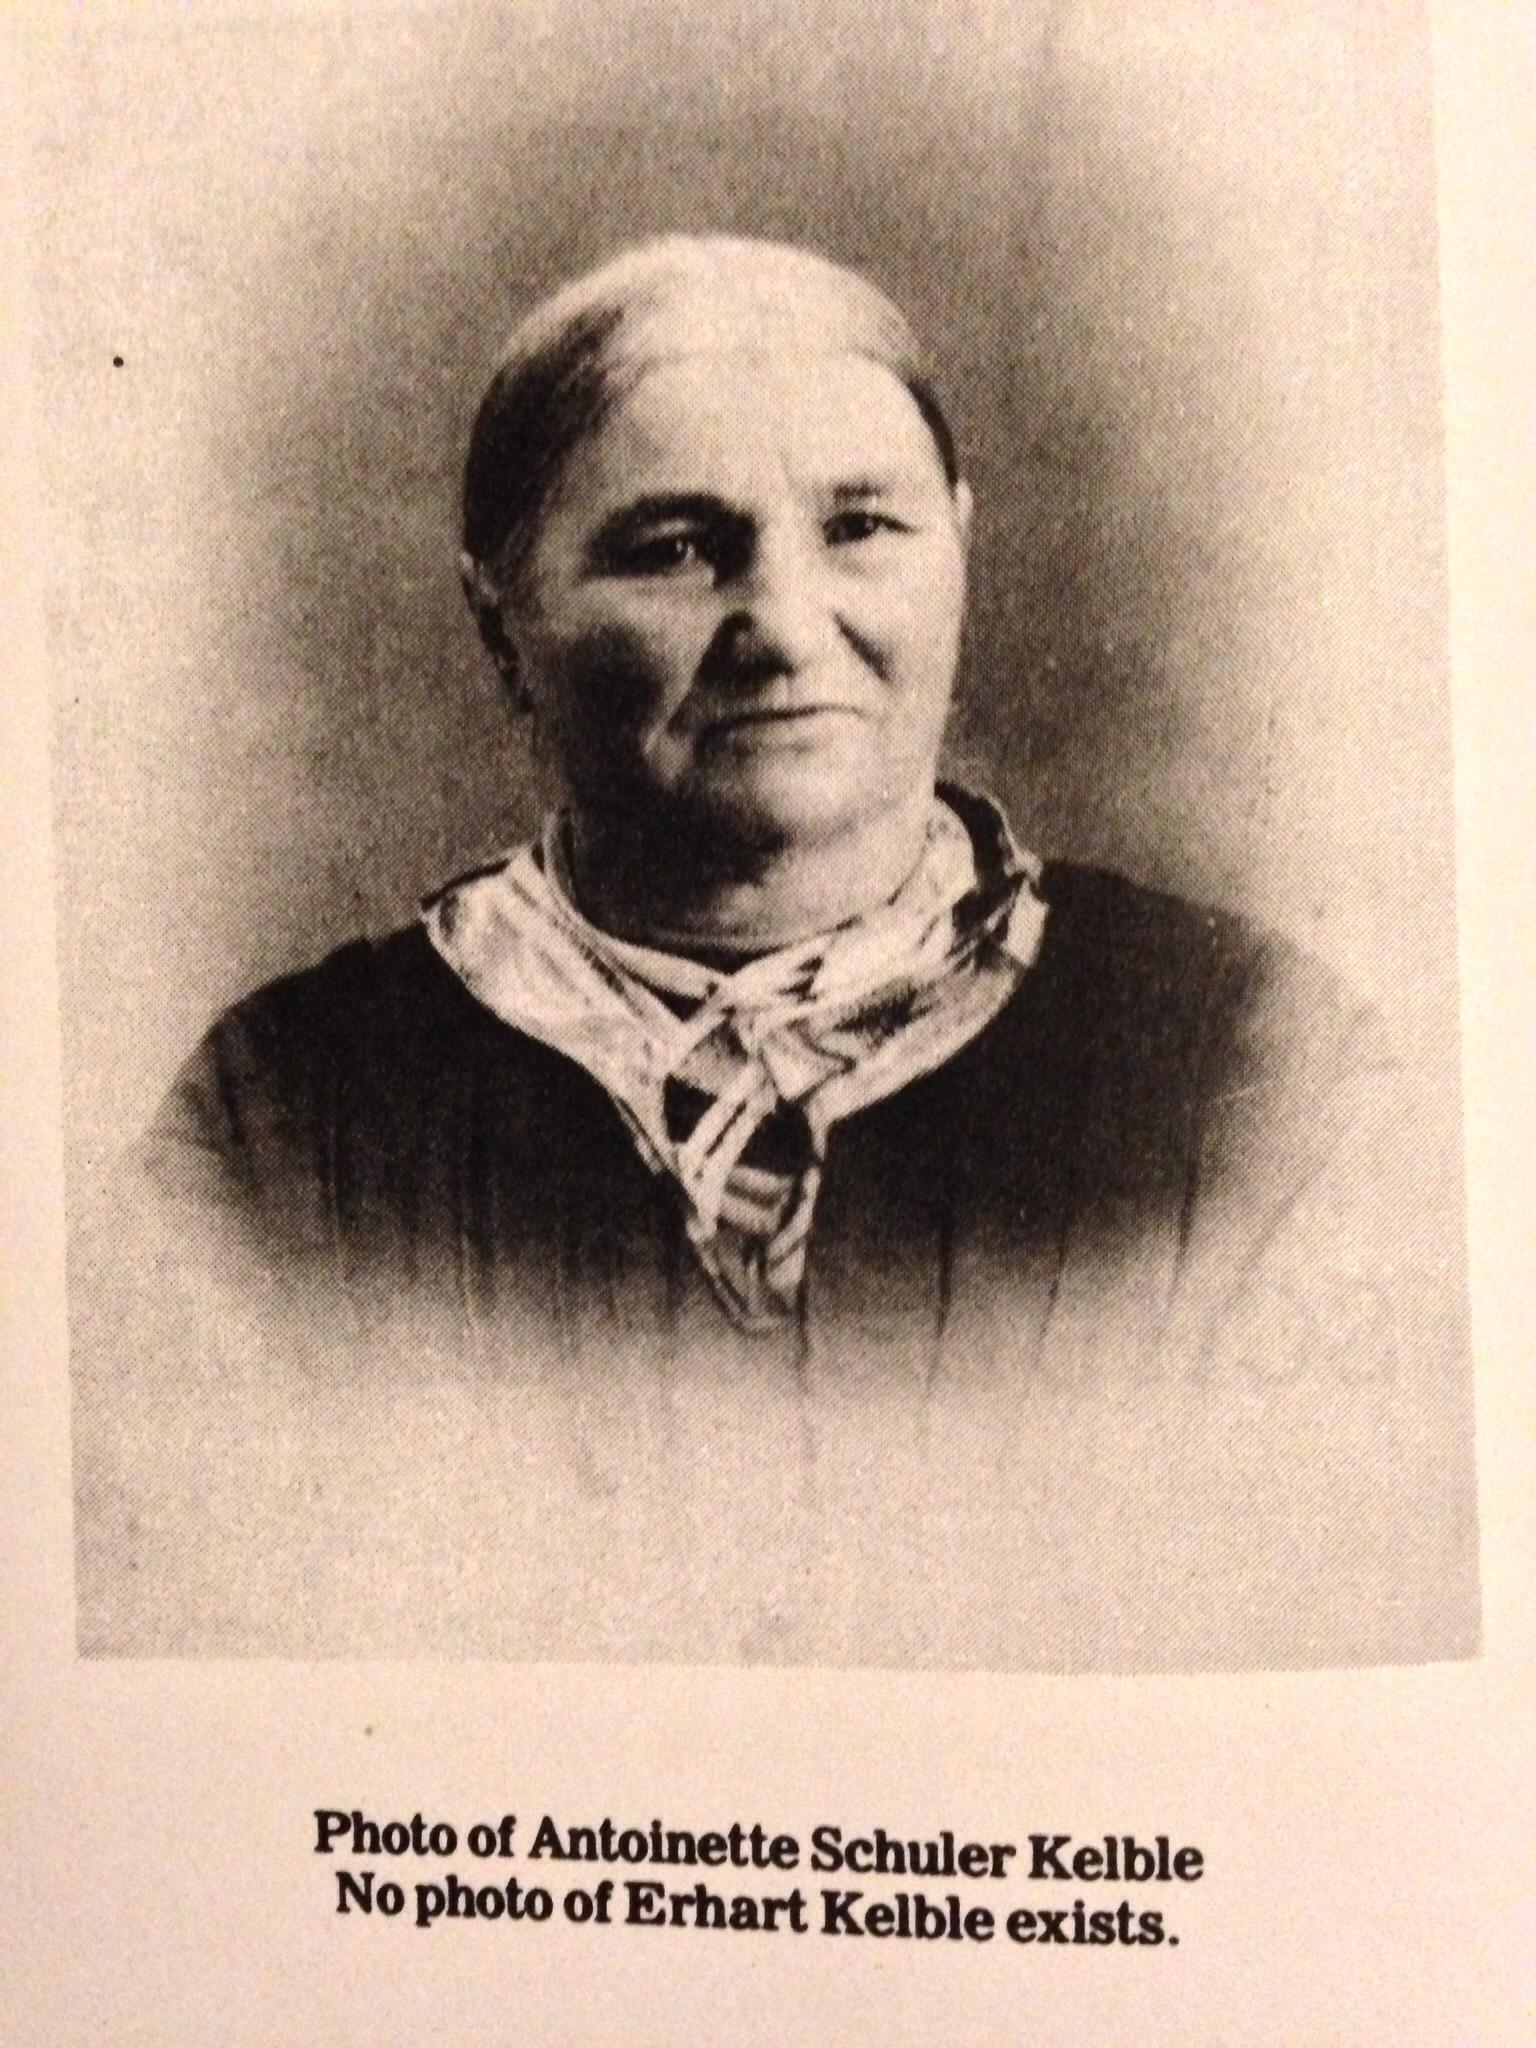 Antoinette Schuler